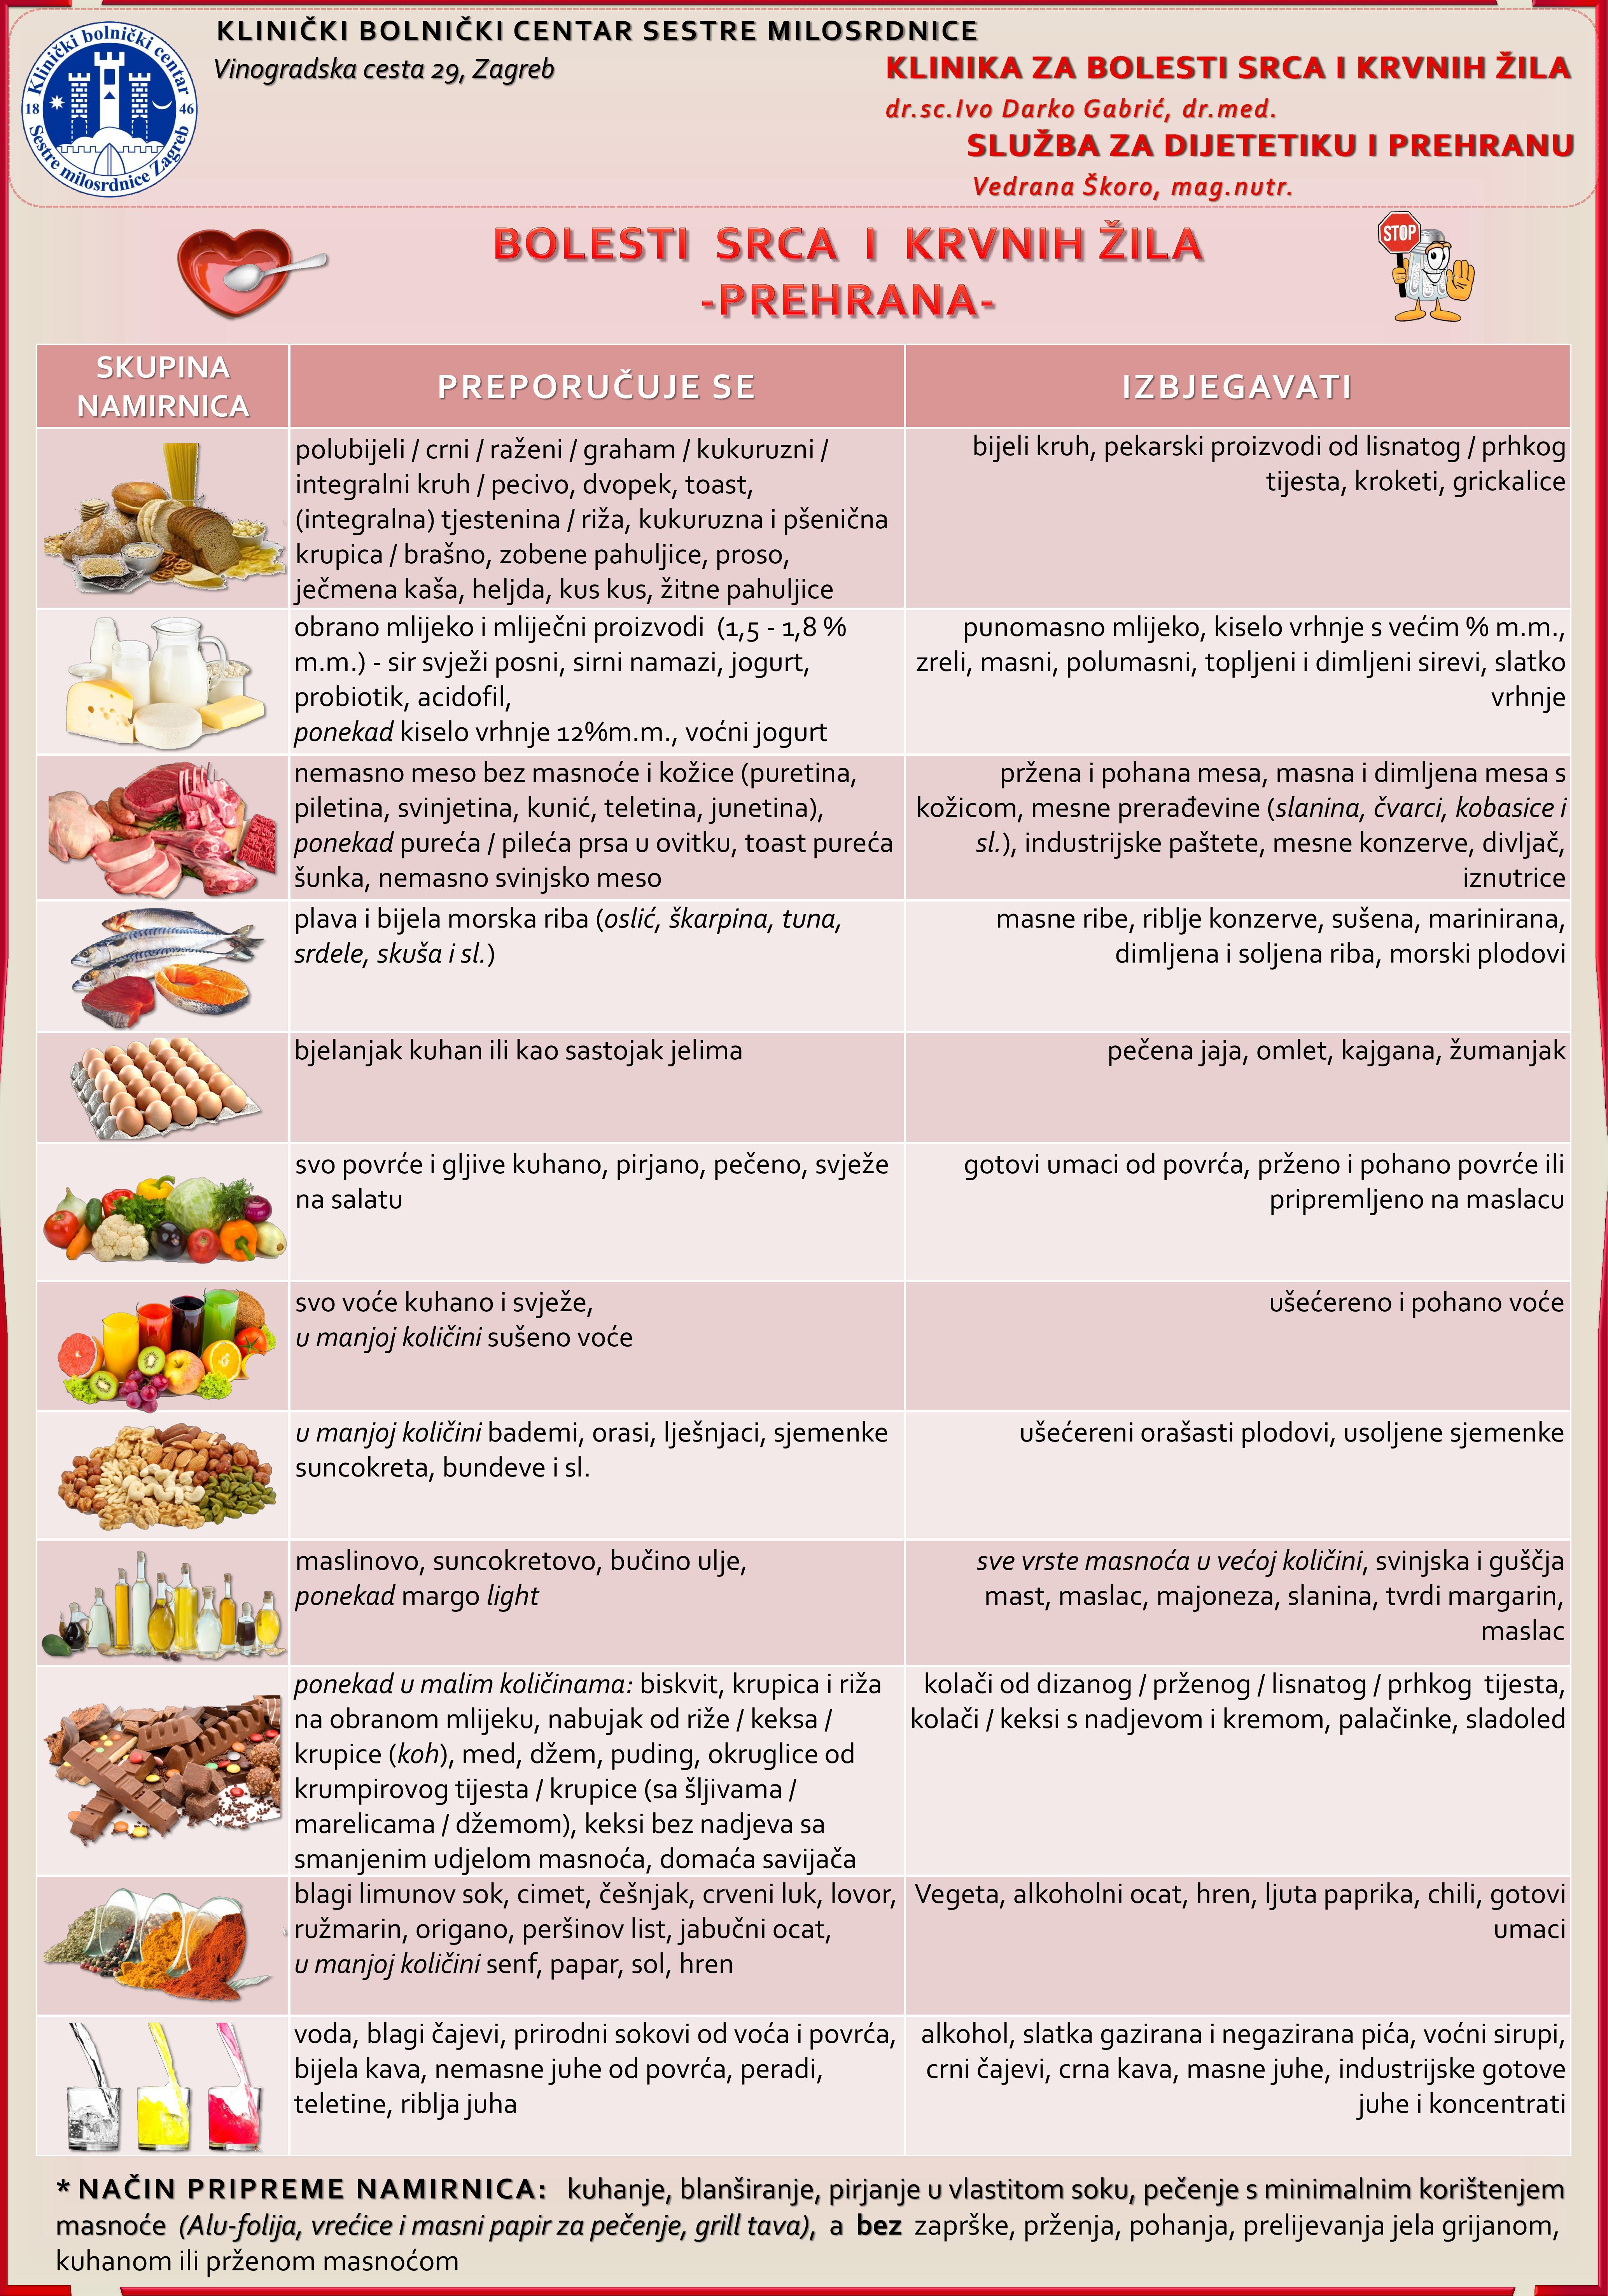 hipertenzija ishrana knjiga hiperaldosteronizma što je to